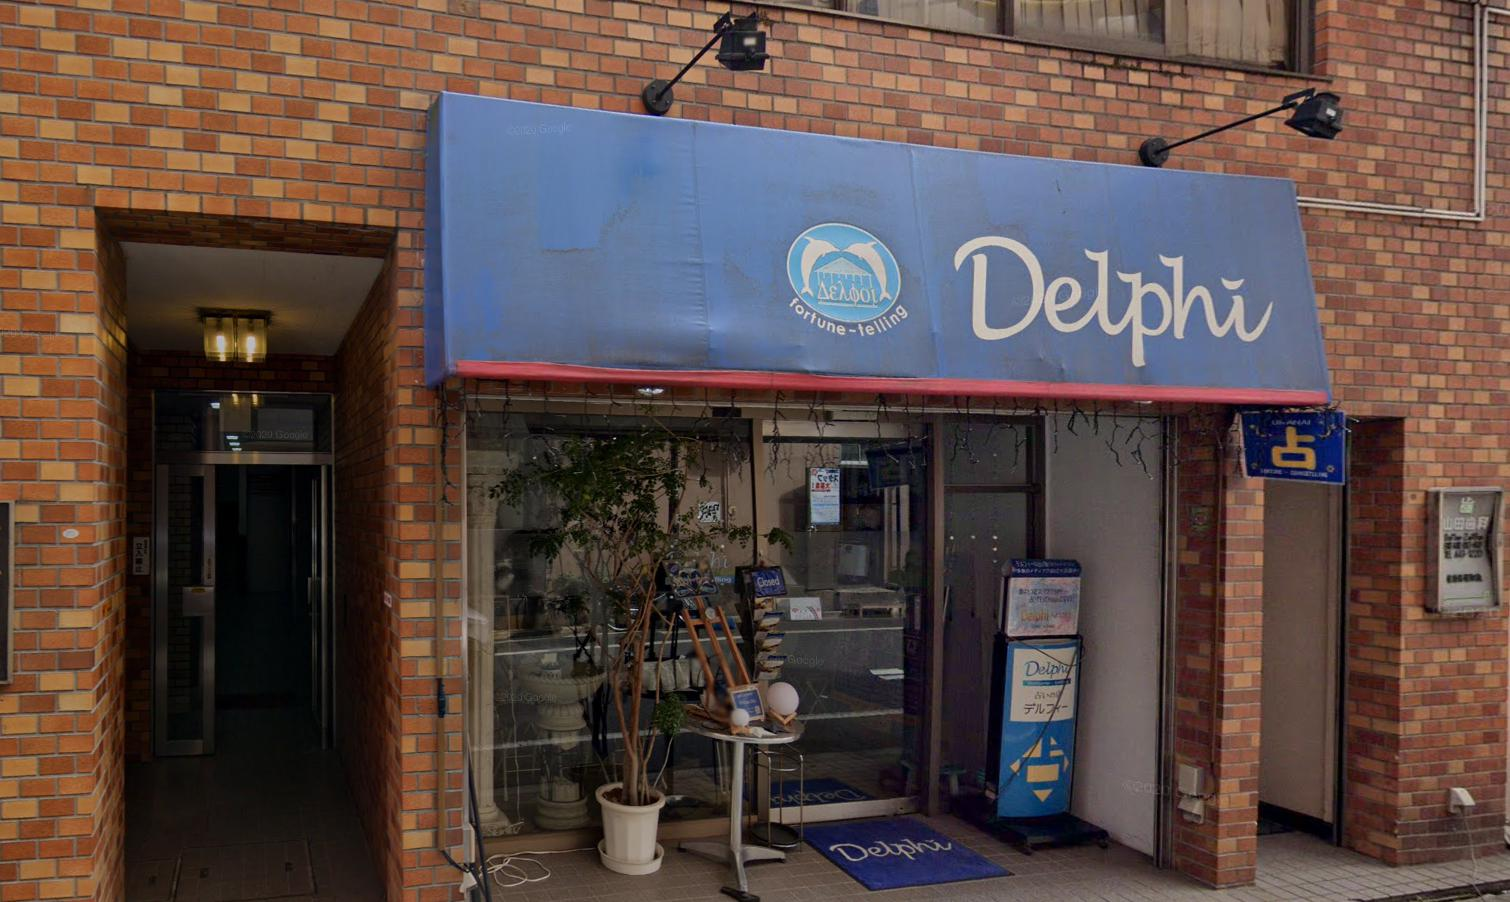 恵比寿の「占いの店 デルフィー」